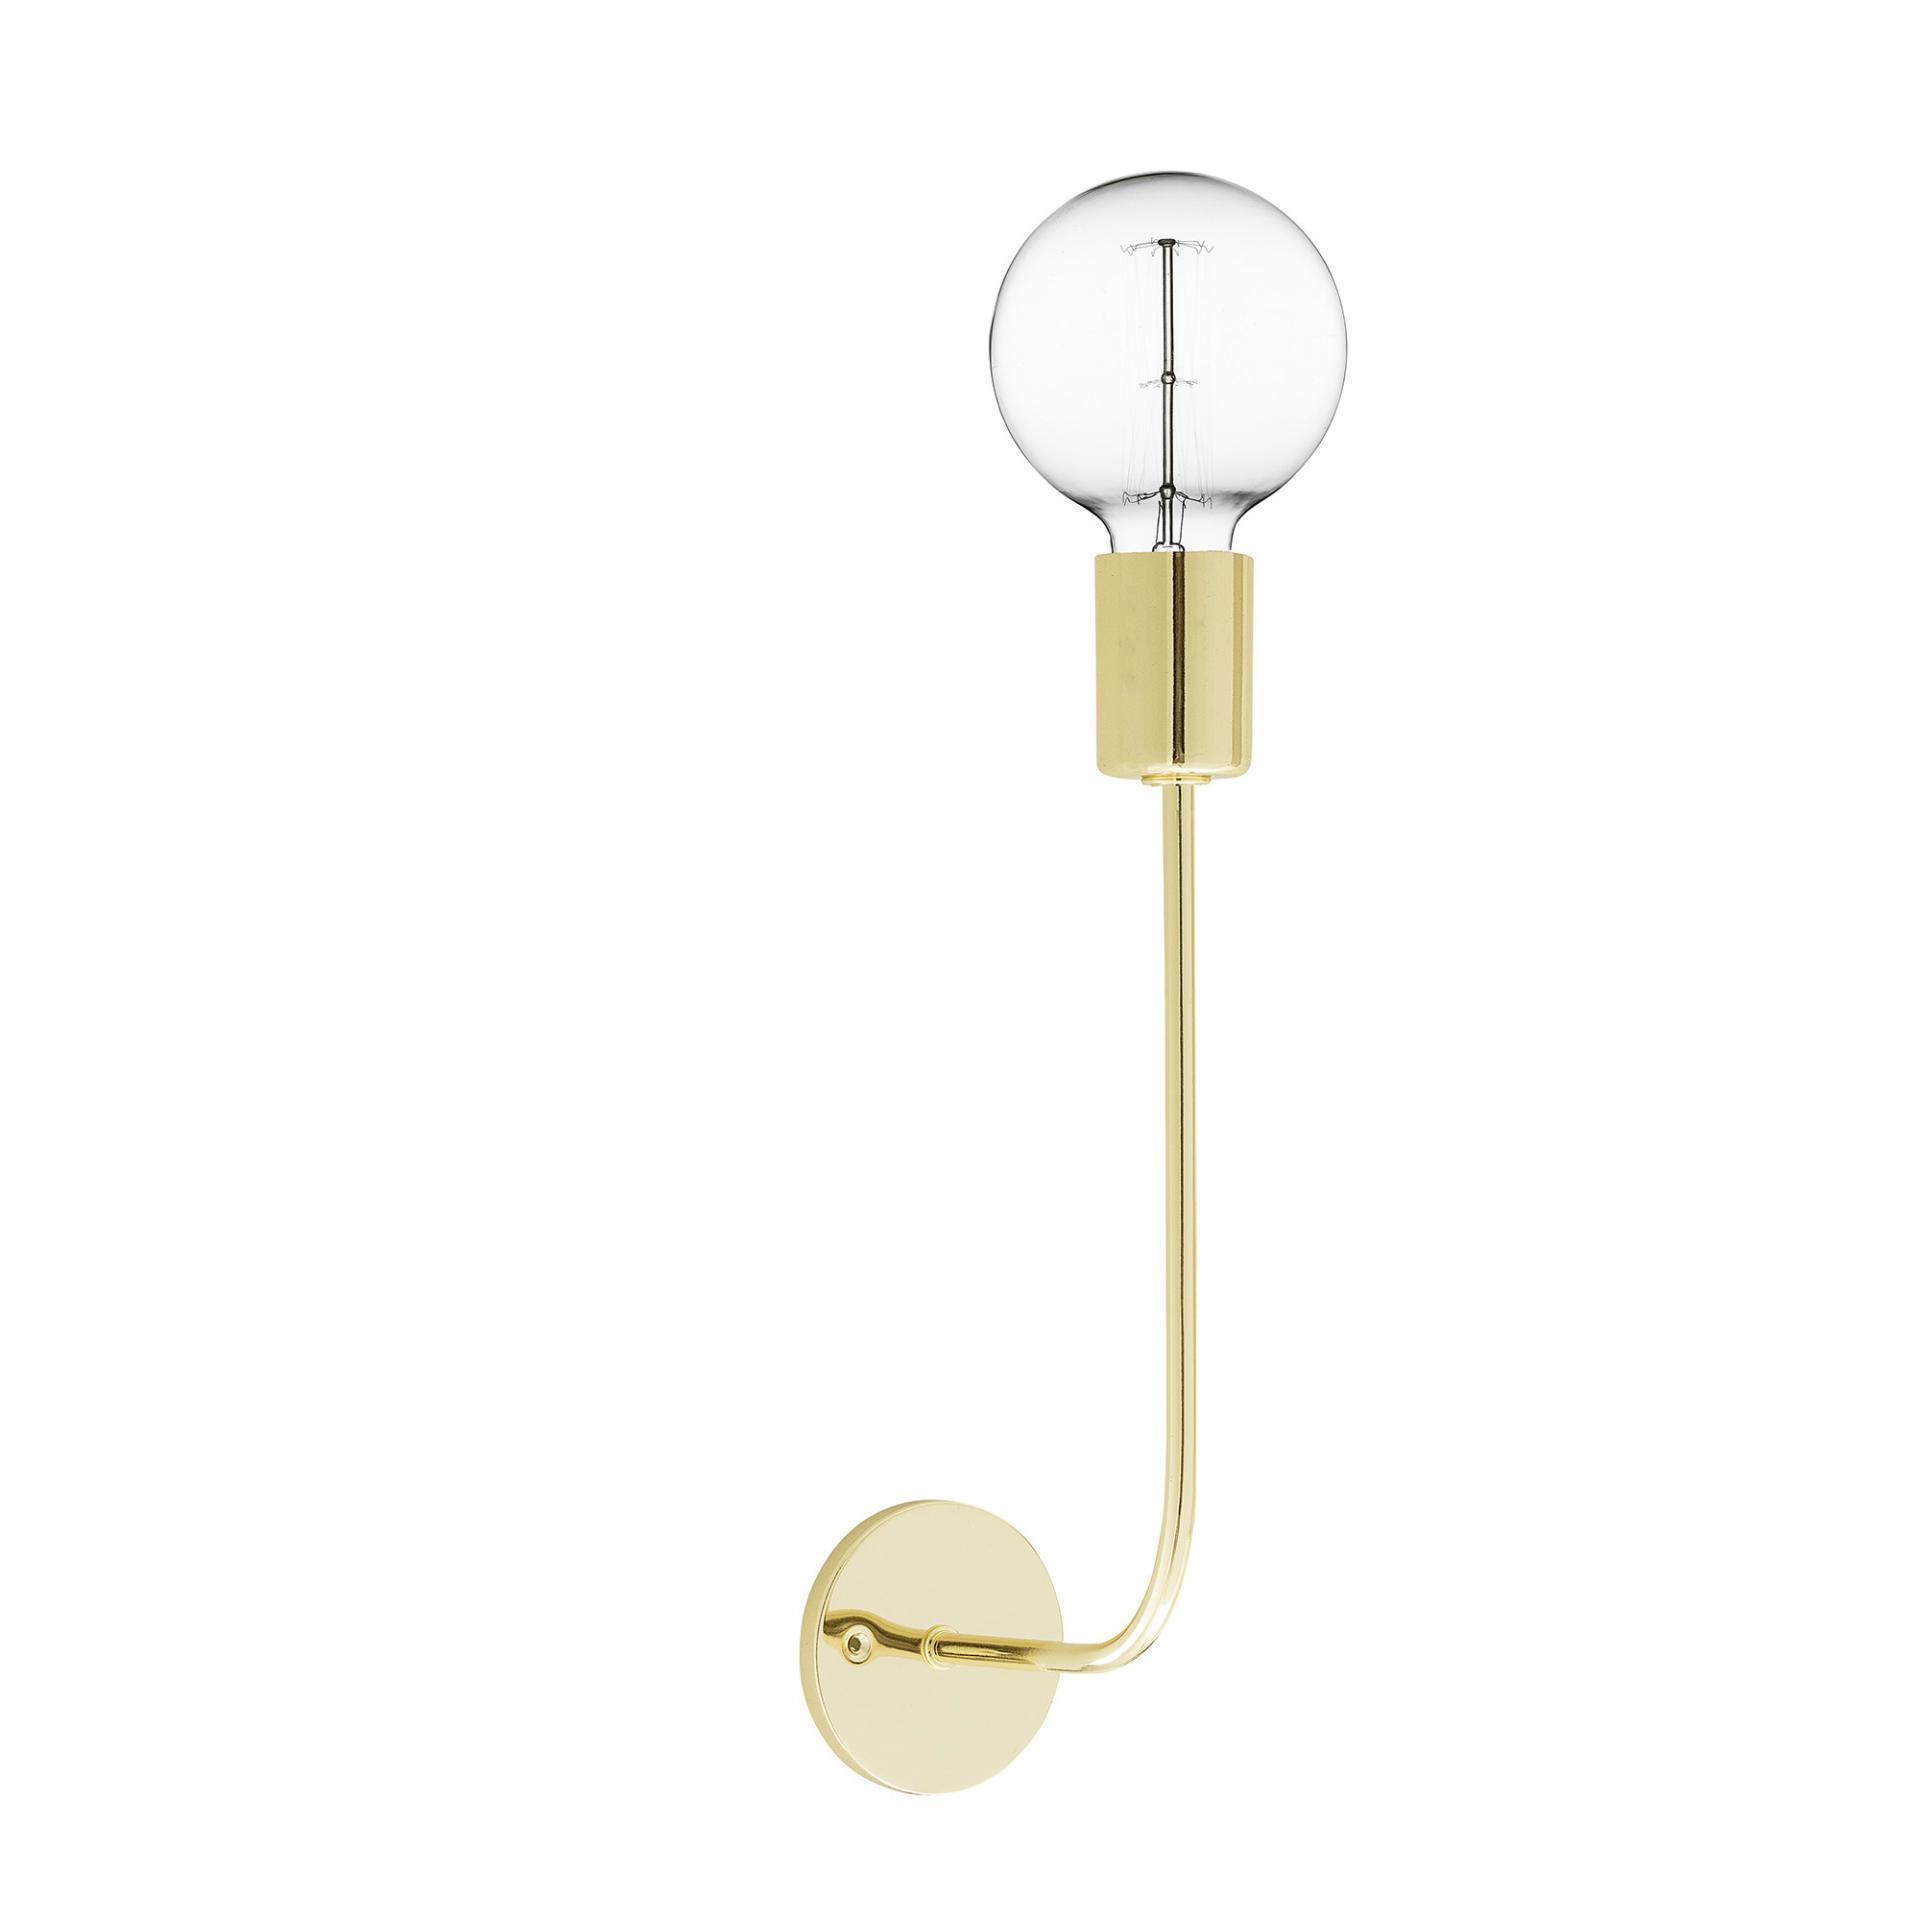 Bloomingville Nástěnná lampička - Distinctive Gold, zlatá barva, kov